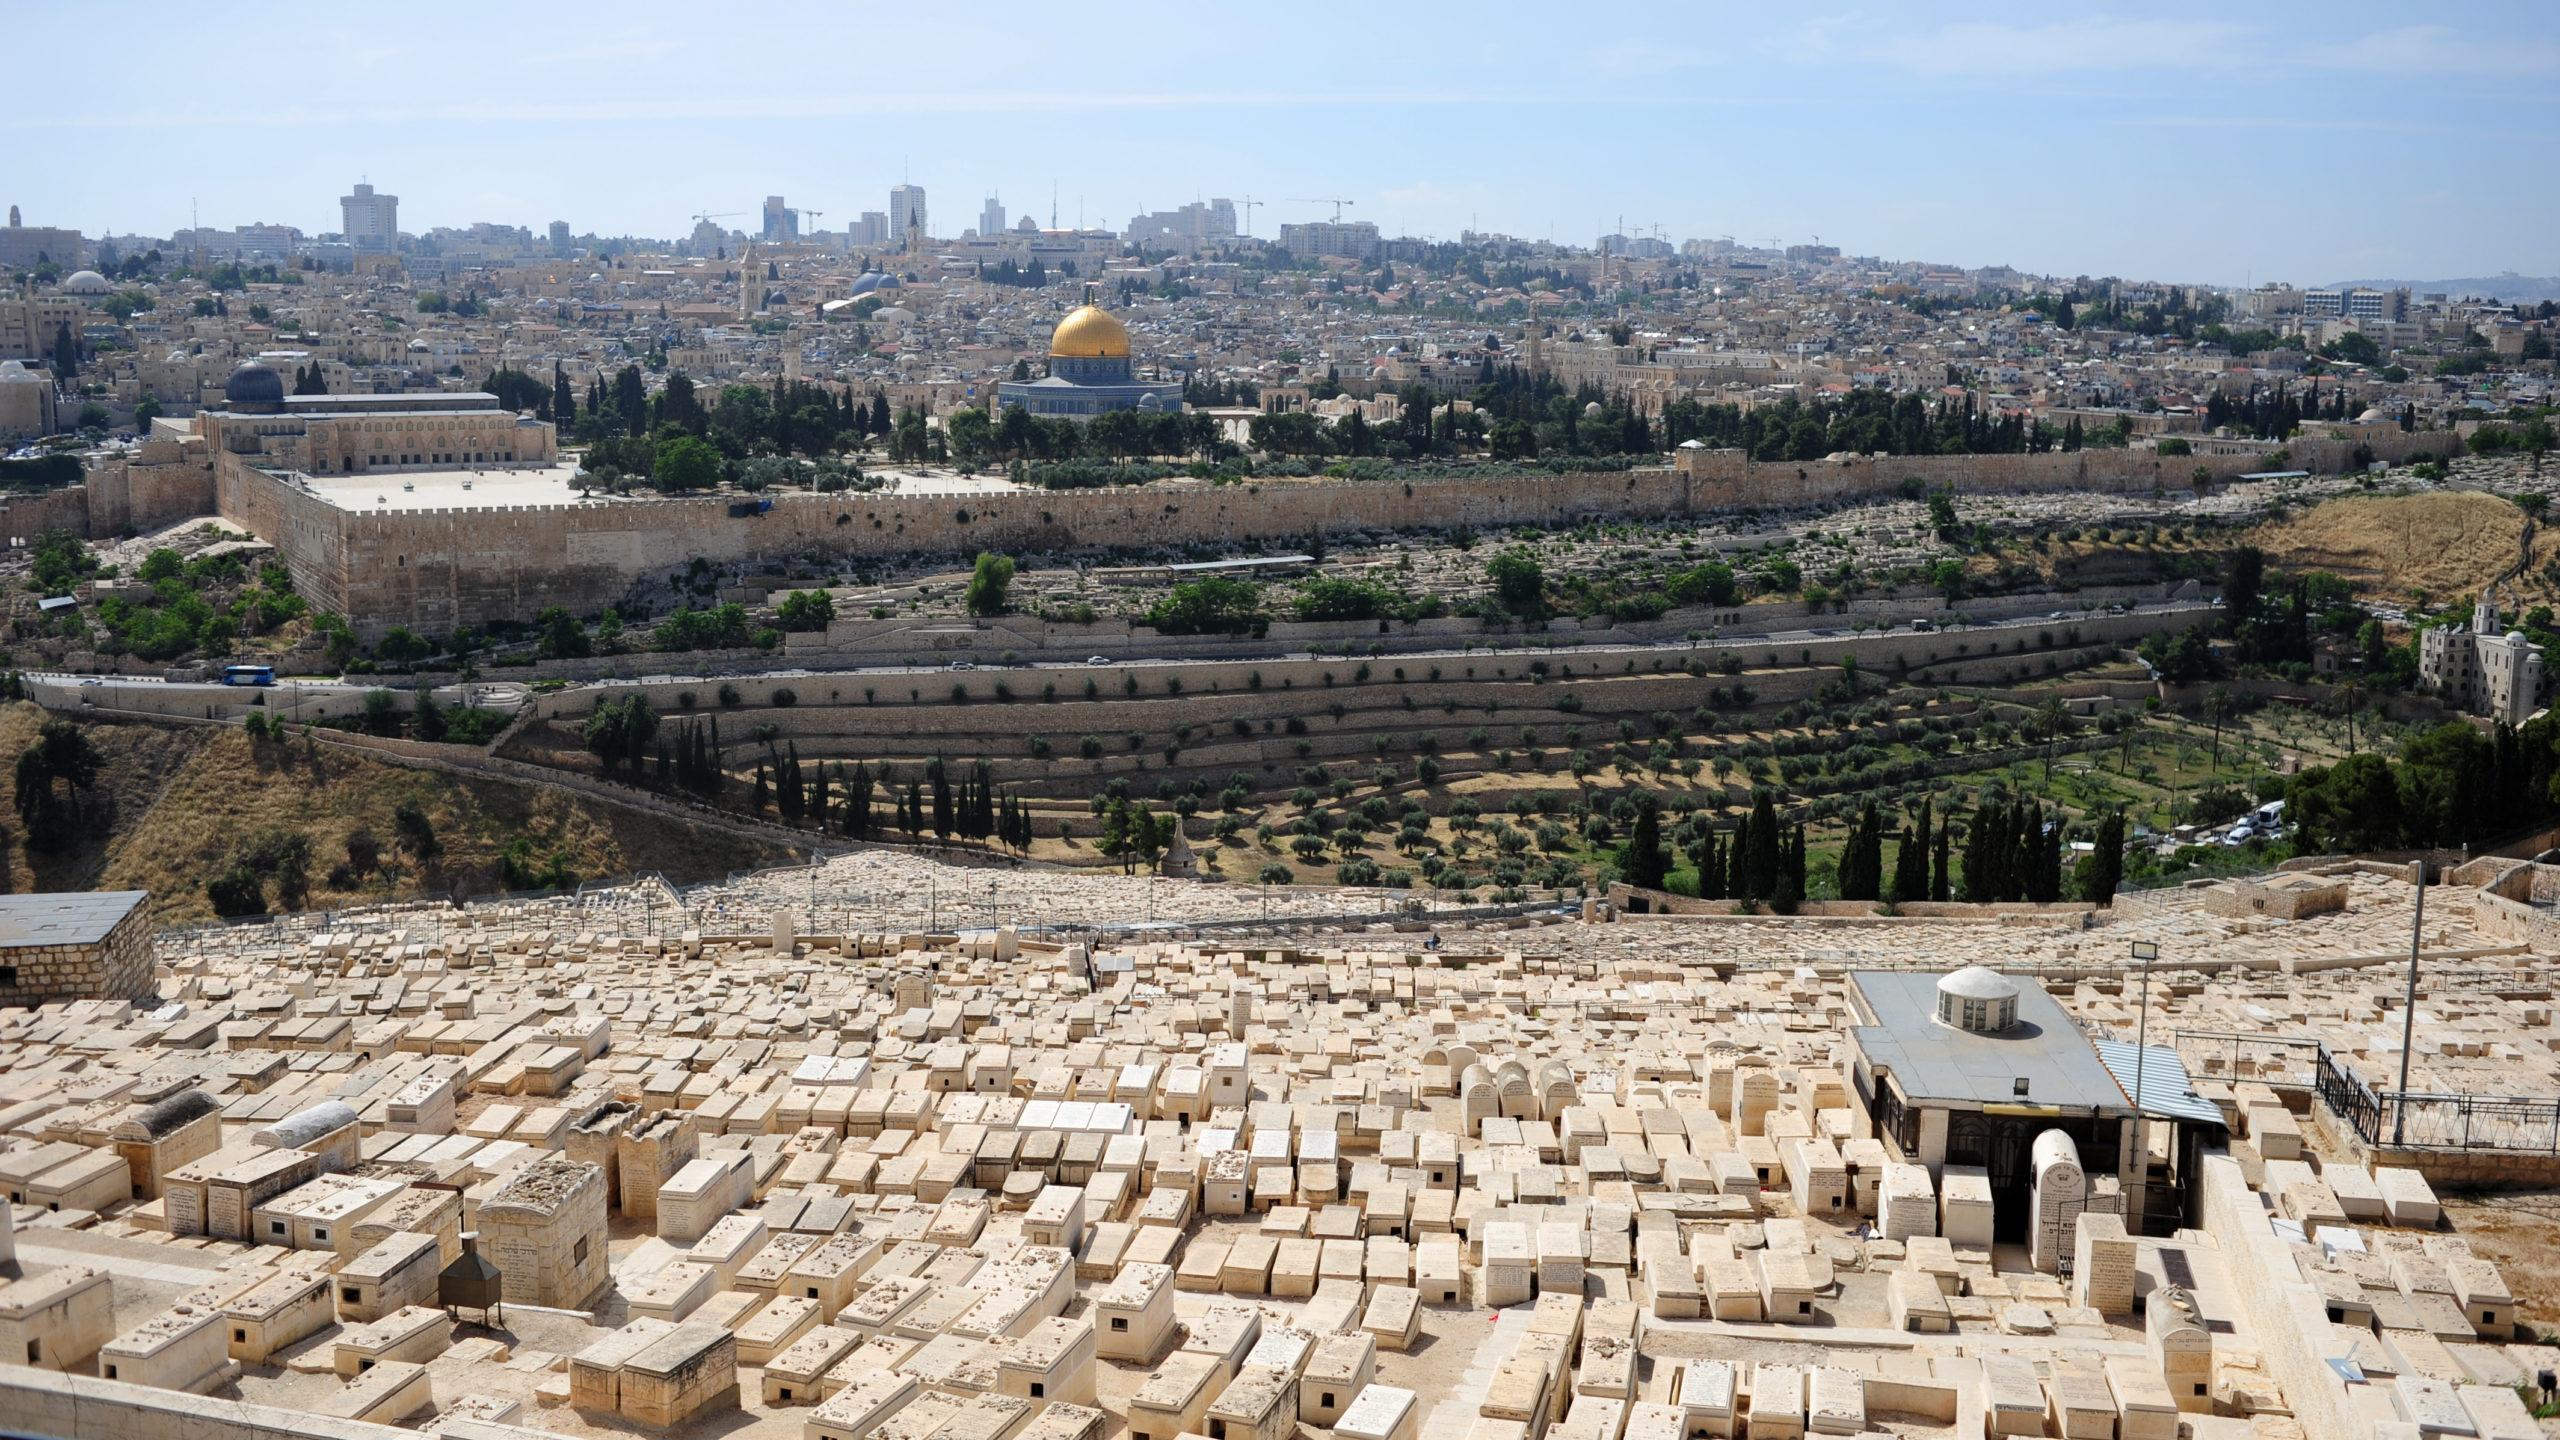 감람산 (Mt. Olive)의 무덤들